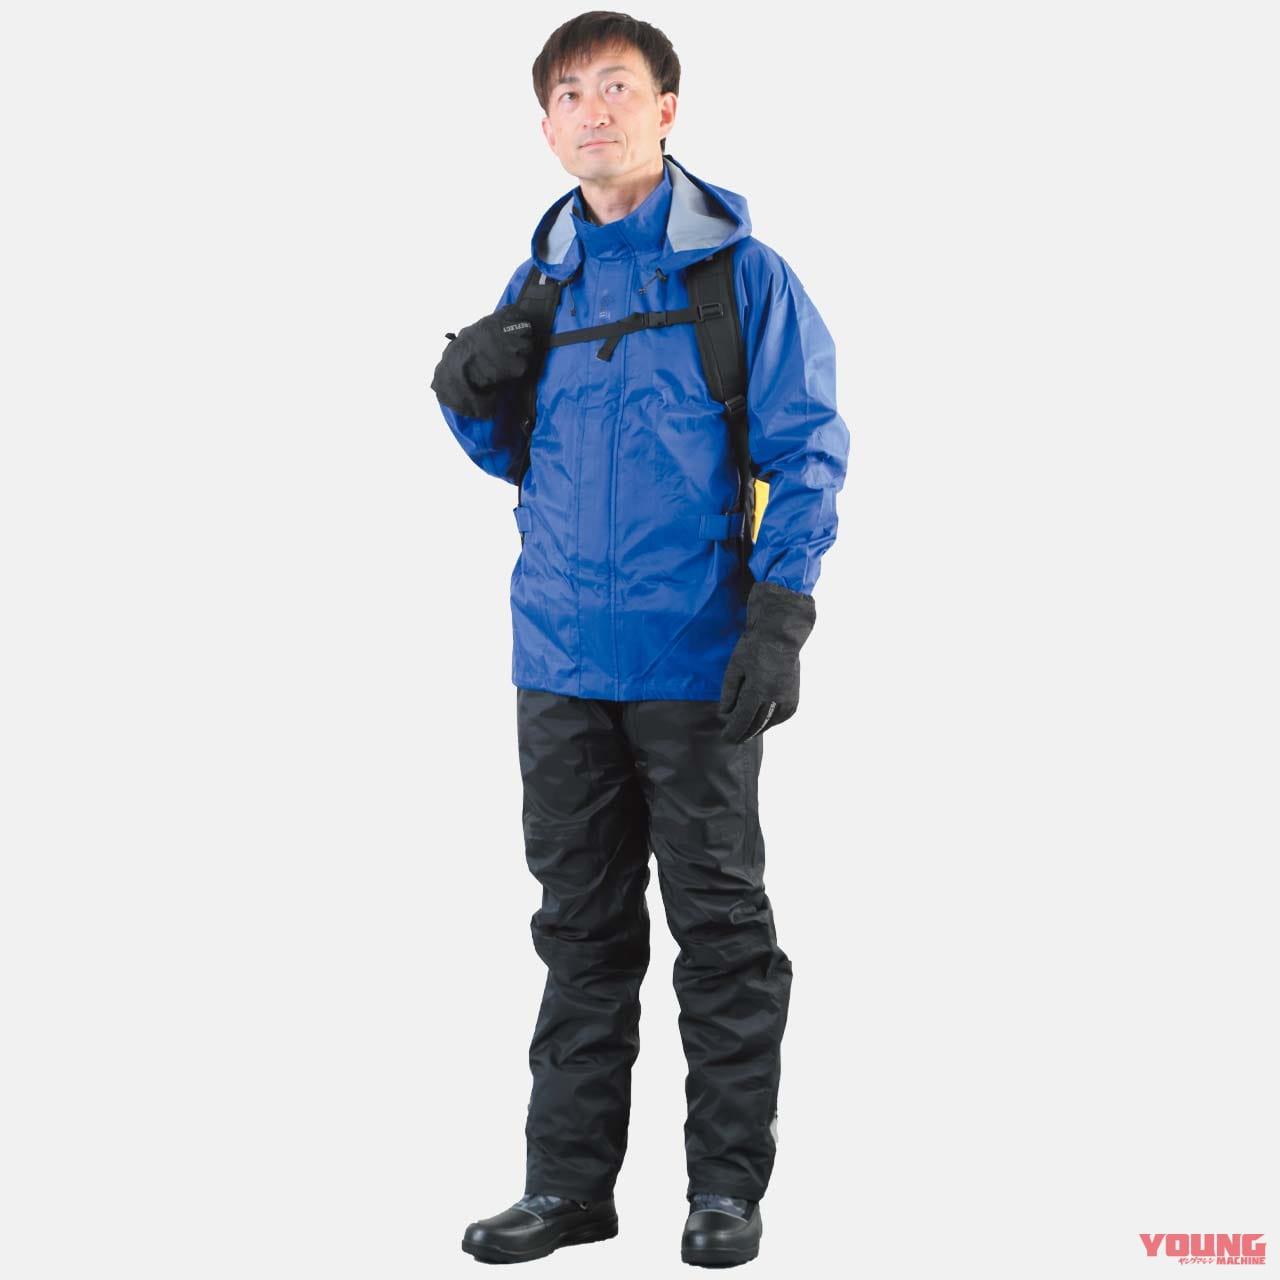 ワークマン快適サマーコーディネート#5:旅のベテランも認める防水性能で雨の日も安心